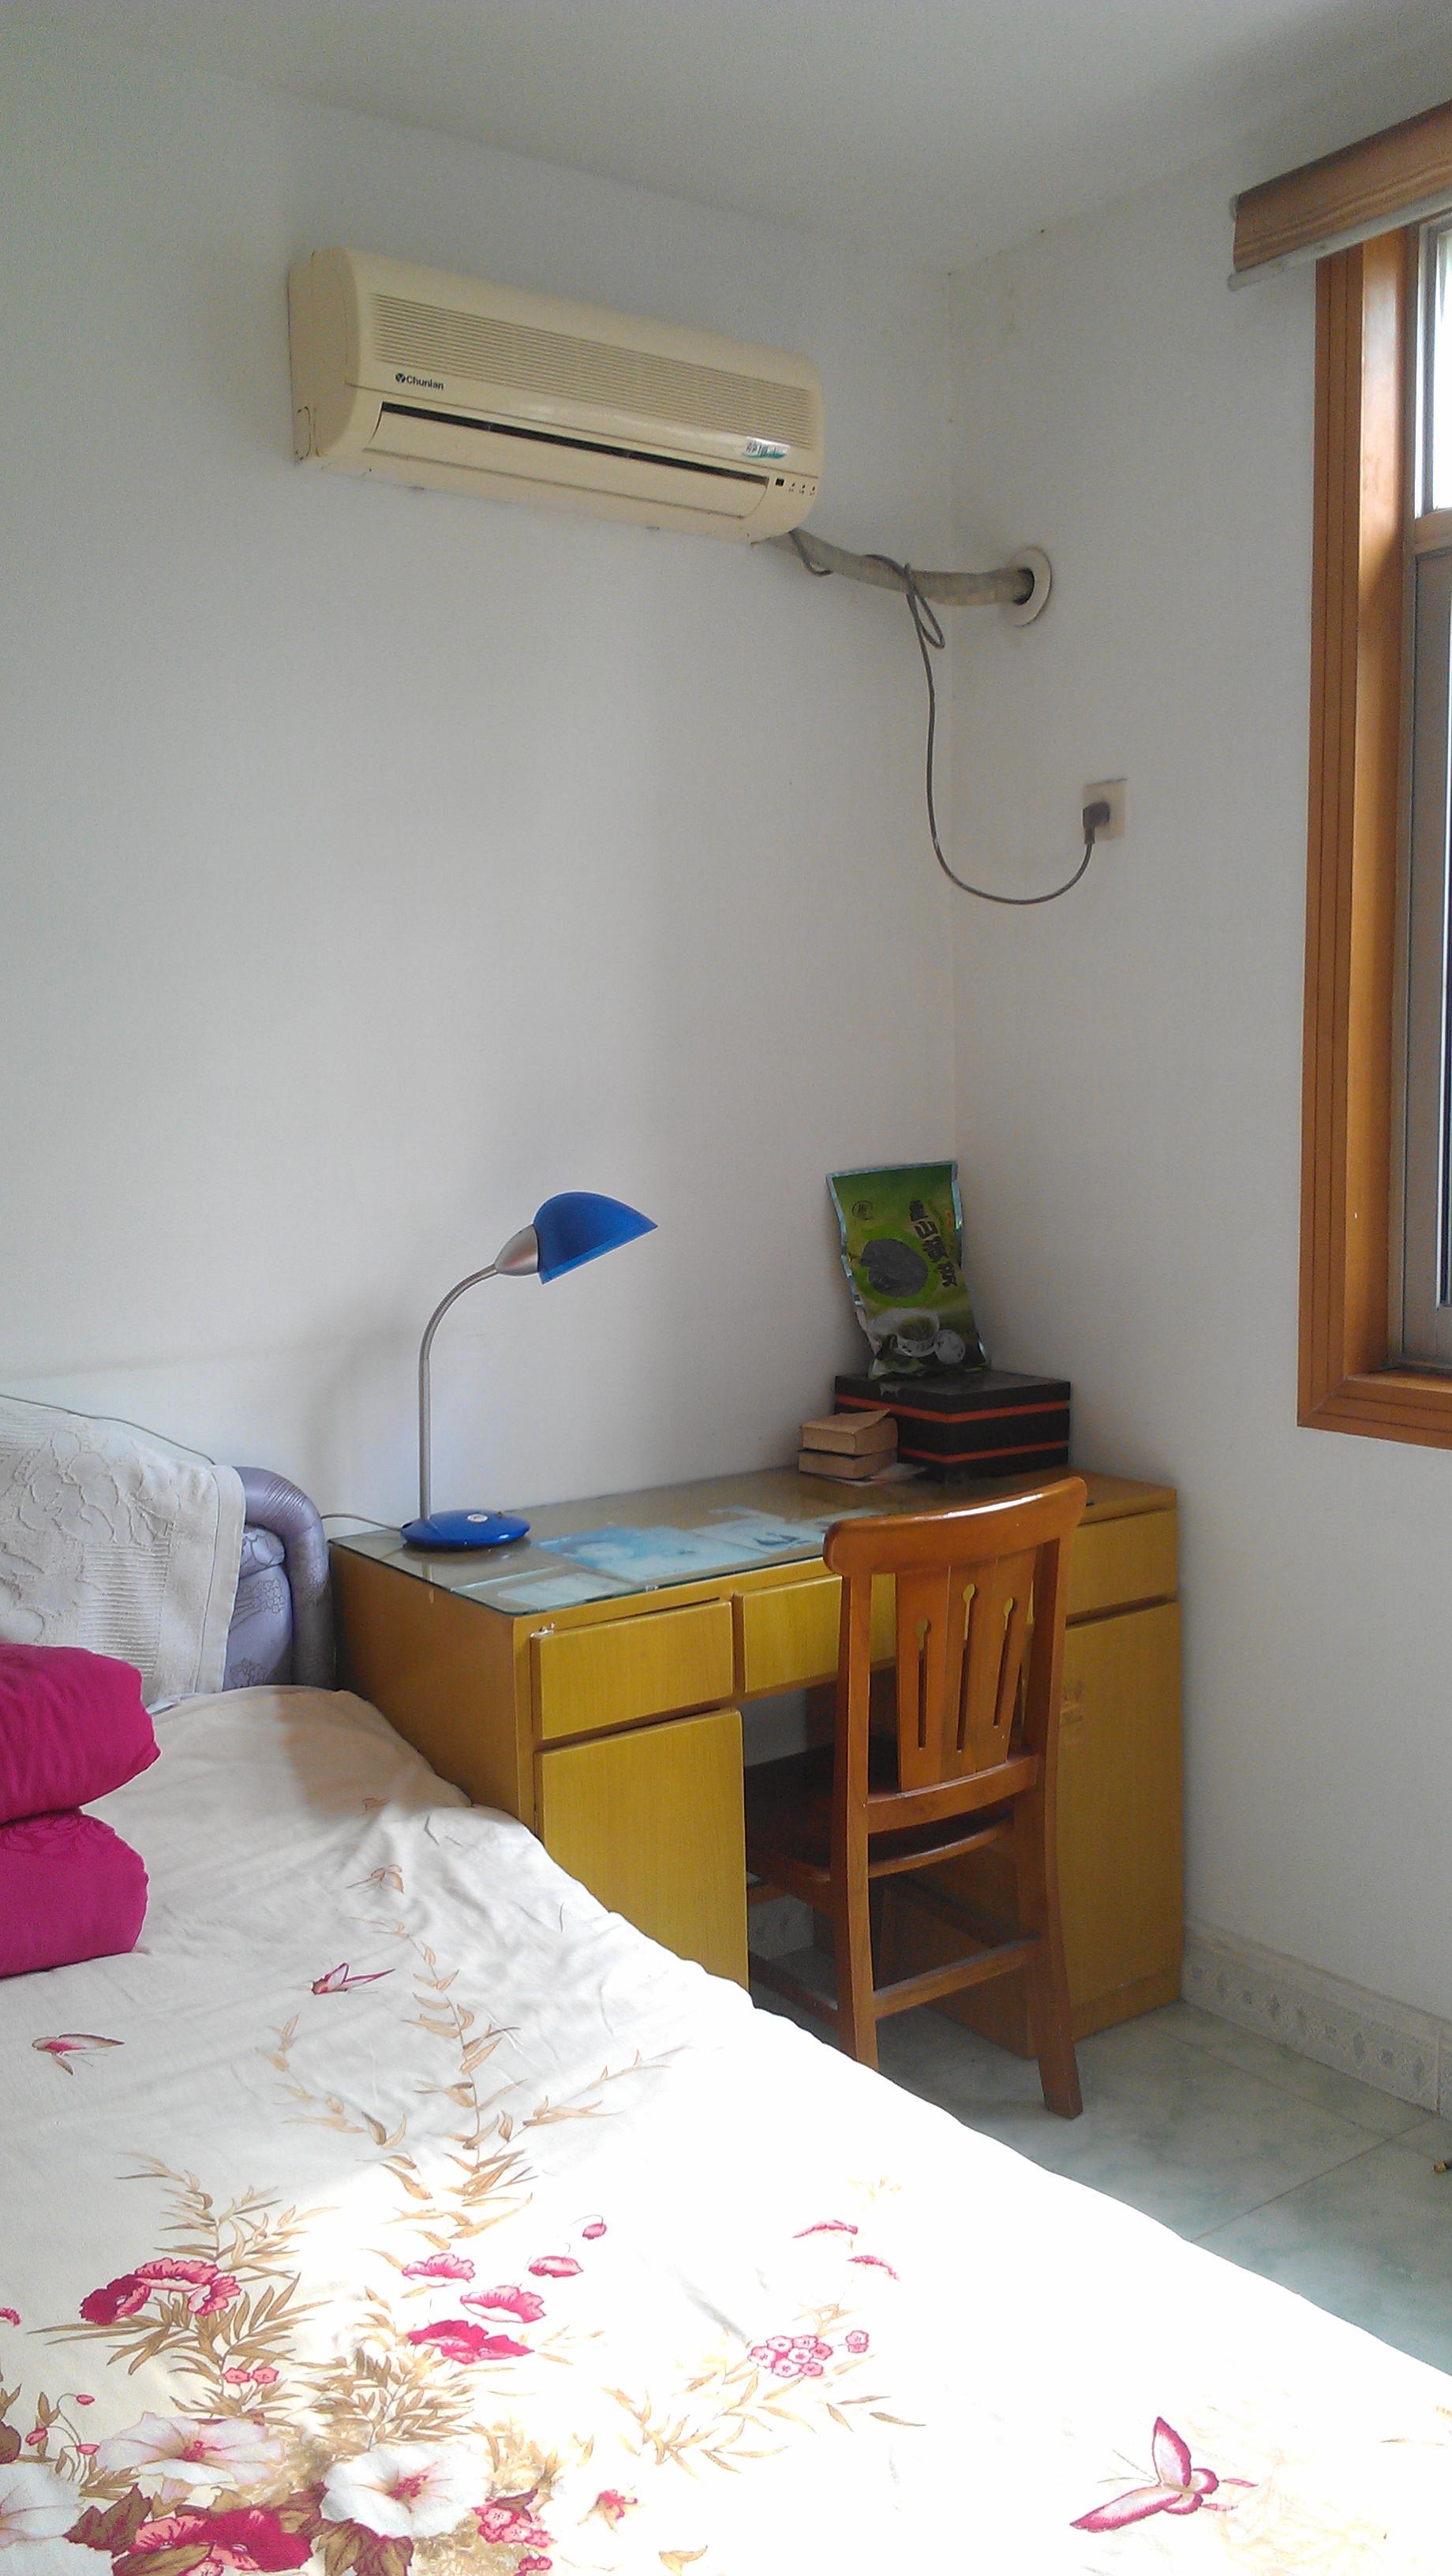 简装多少钱 两室一厅简单装修图片 两室一厅装修风格 两室...